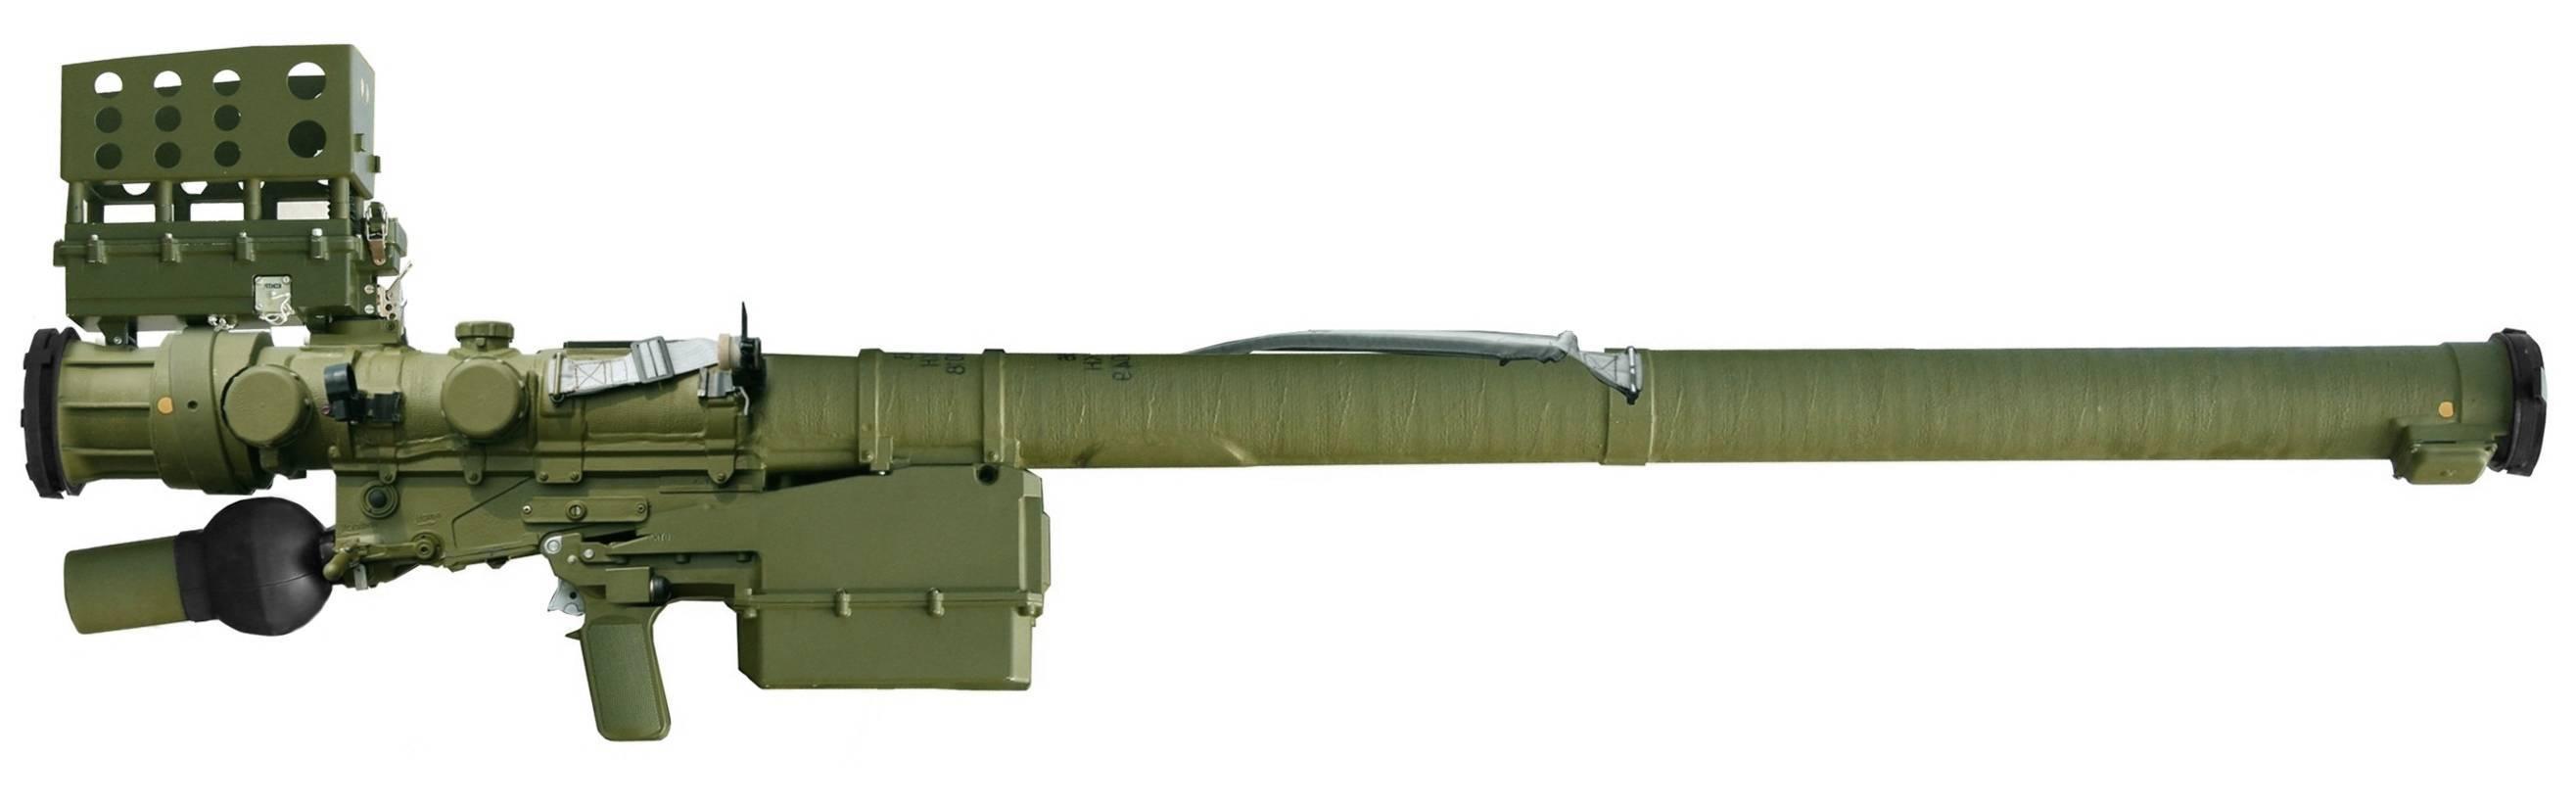 Игла (переносной зенитный ракетный комплекс) — википедия переиздание // wiki 2